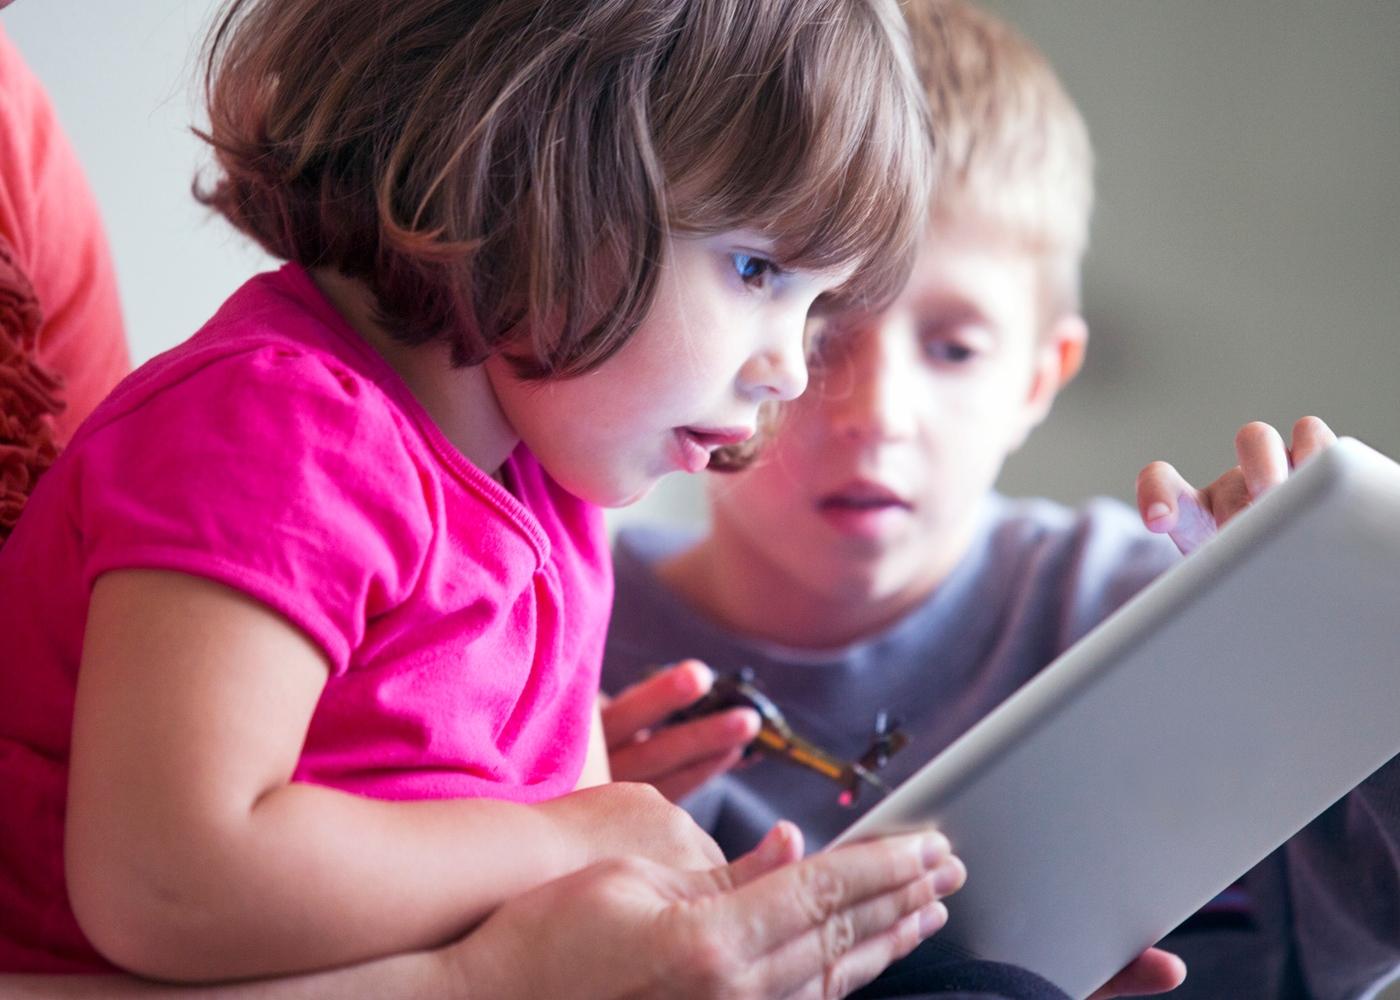 Jogos caseiros para crianças: jogar online